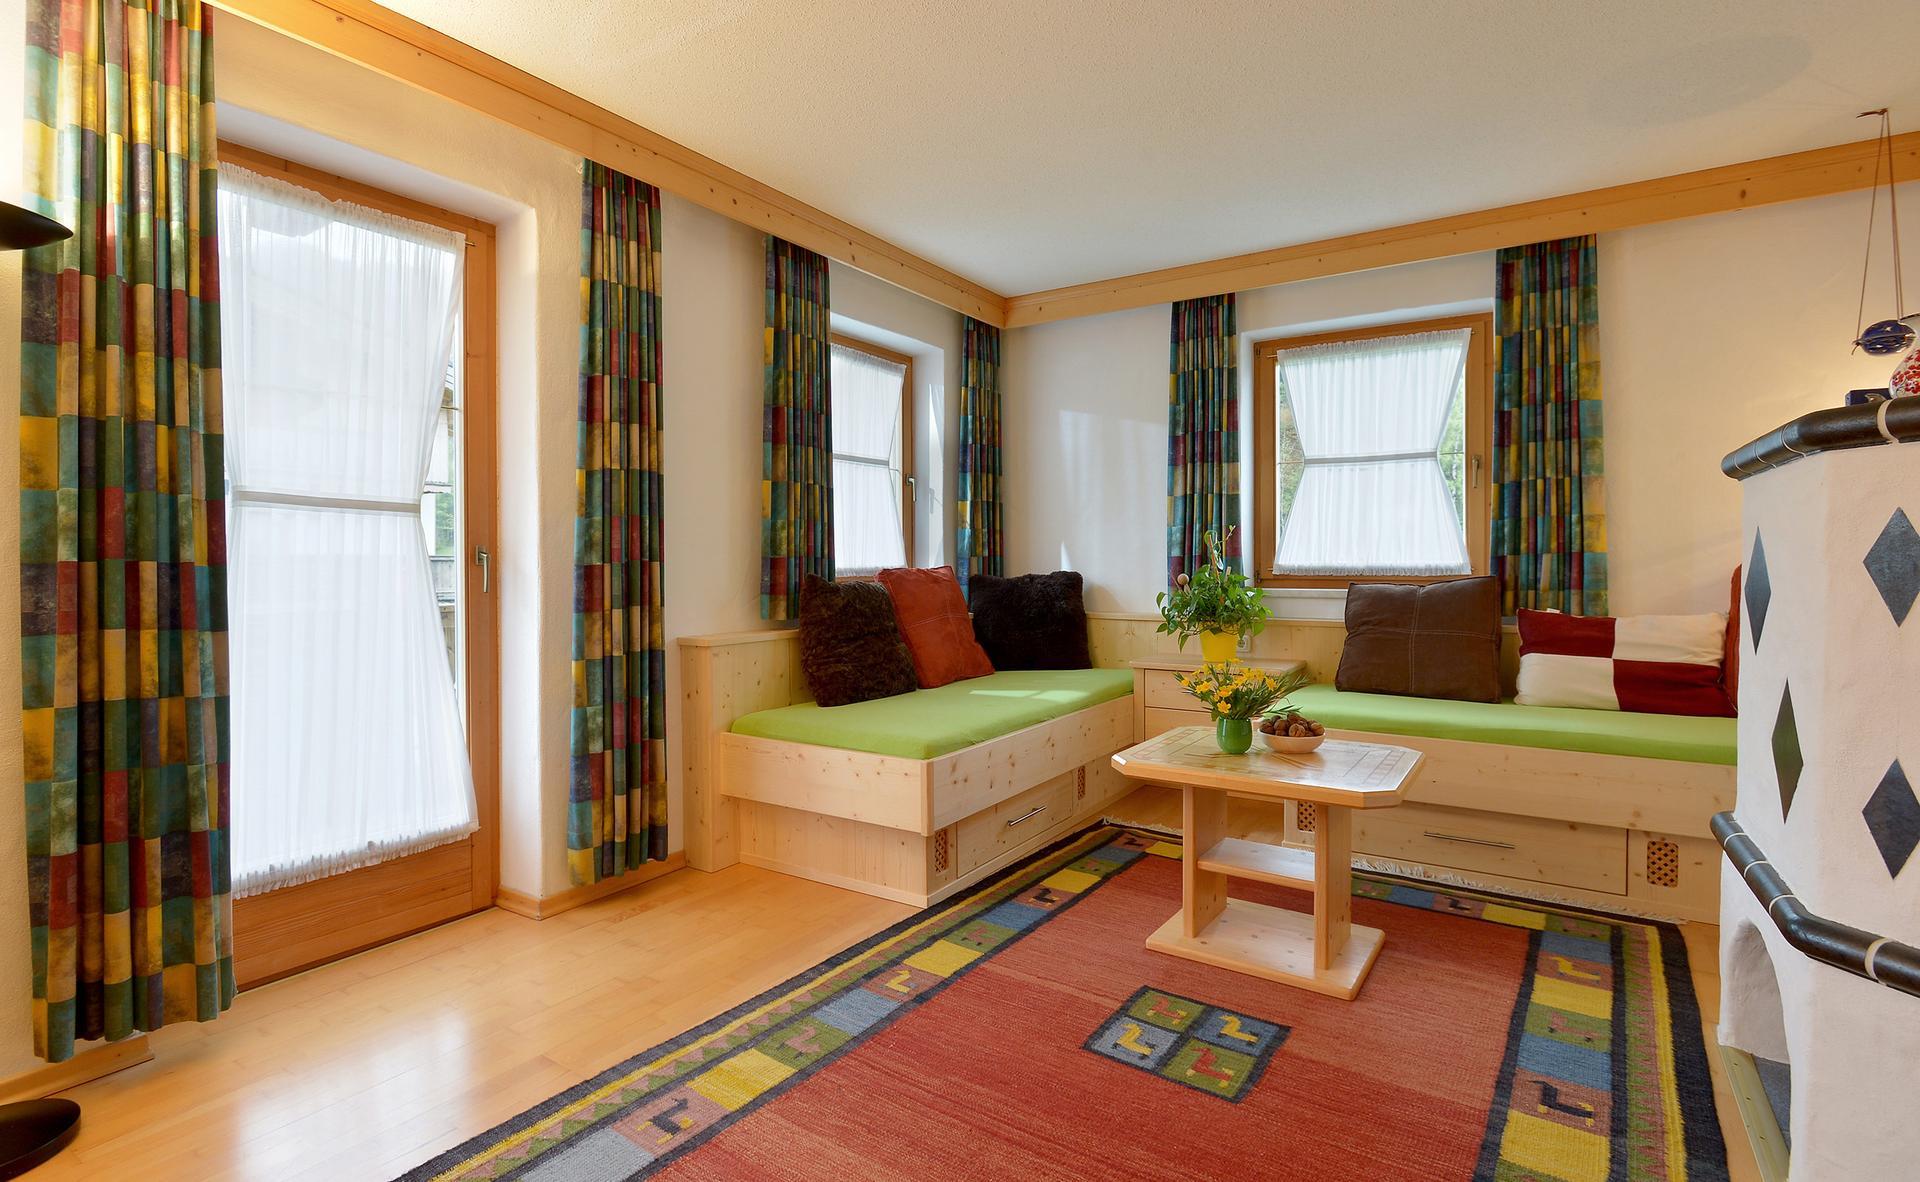 Einladendes Wohnzimmer für gemütliche Stunden